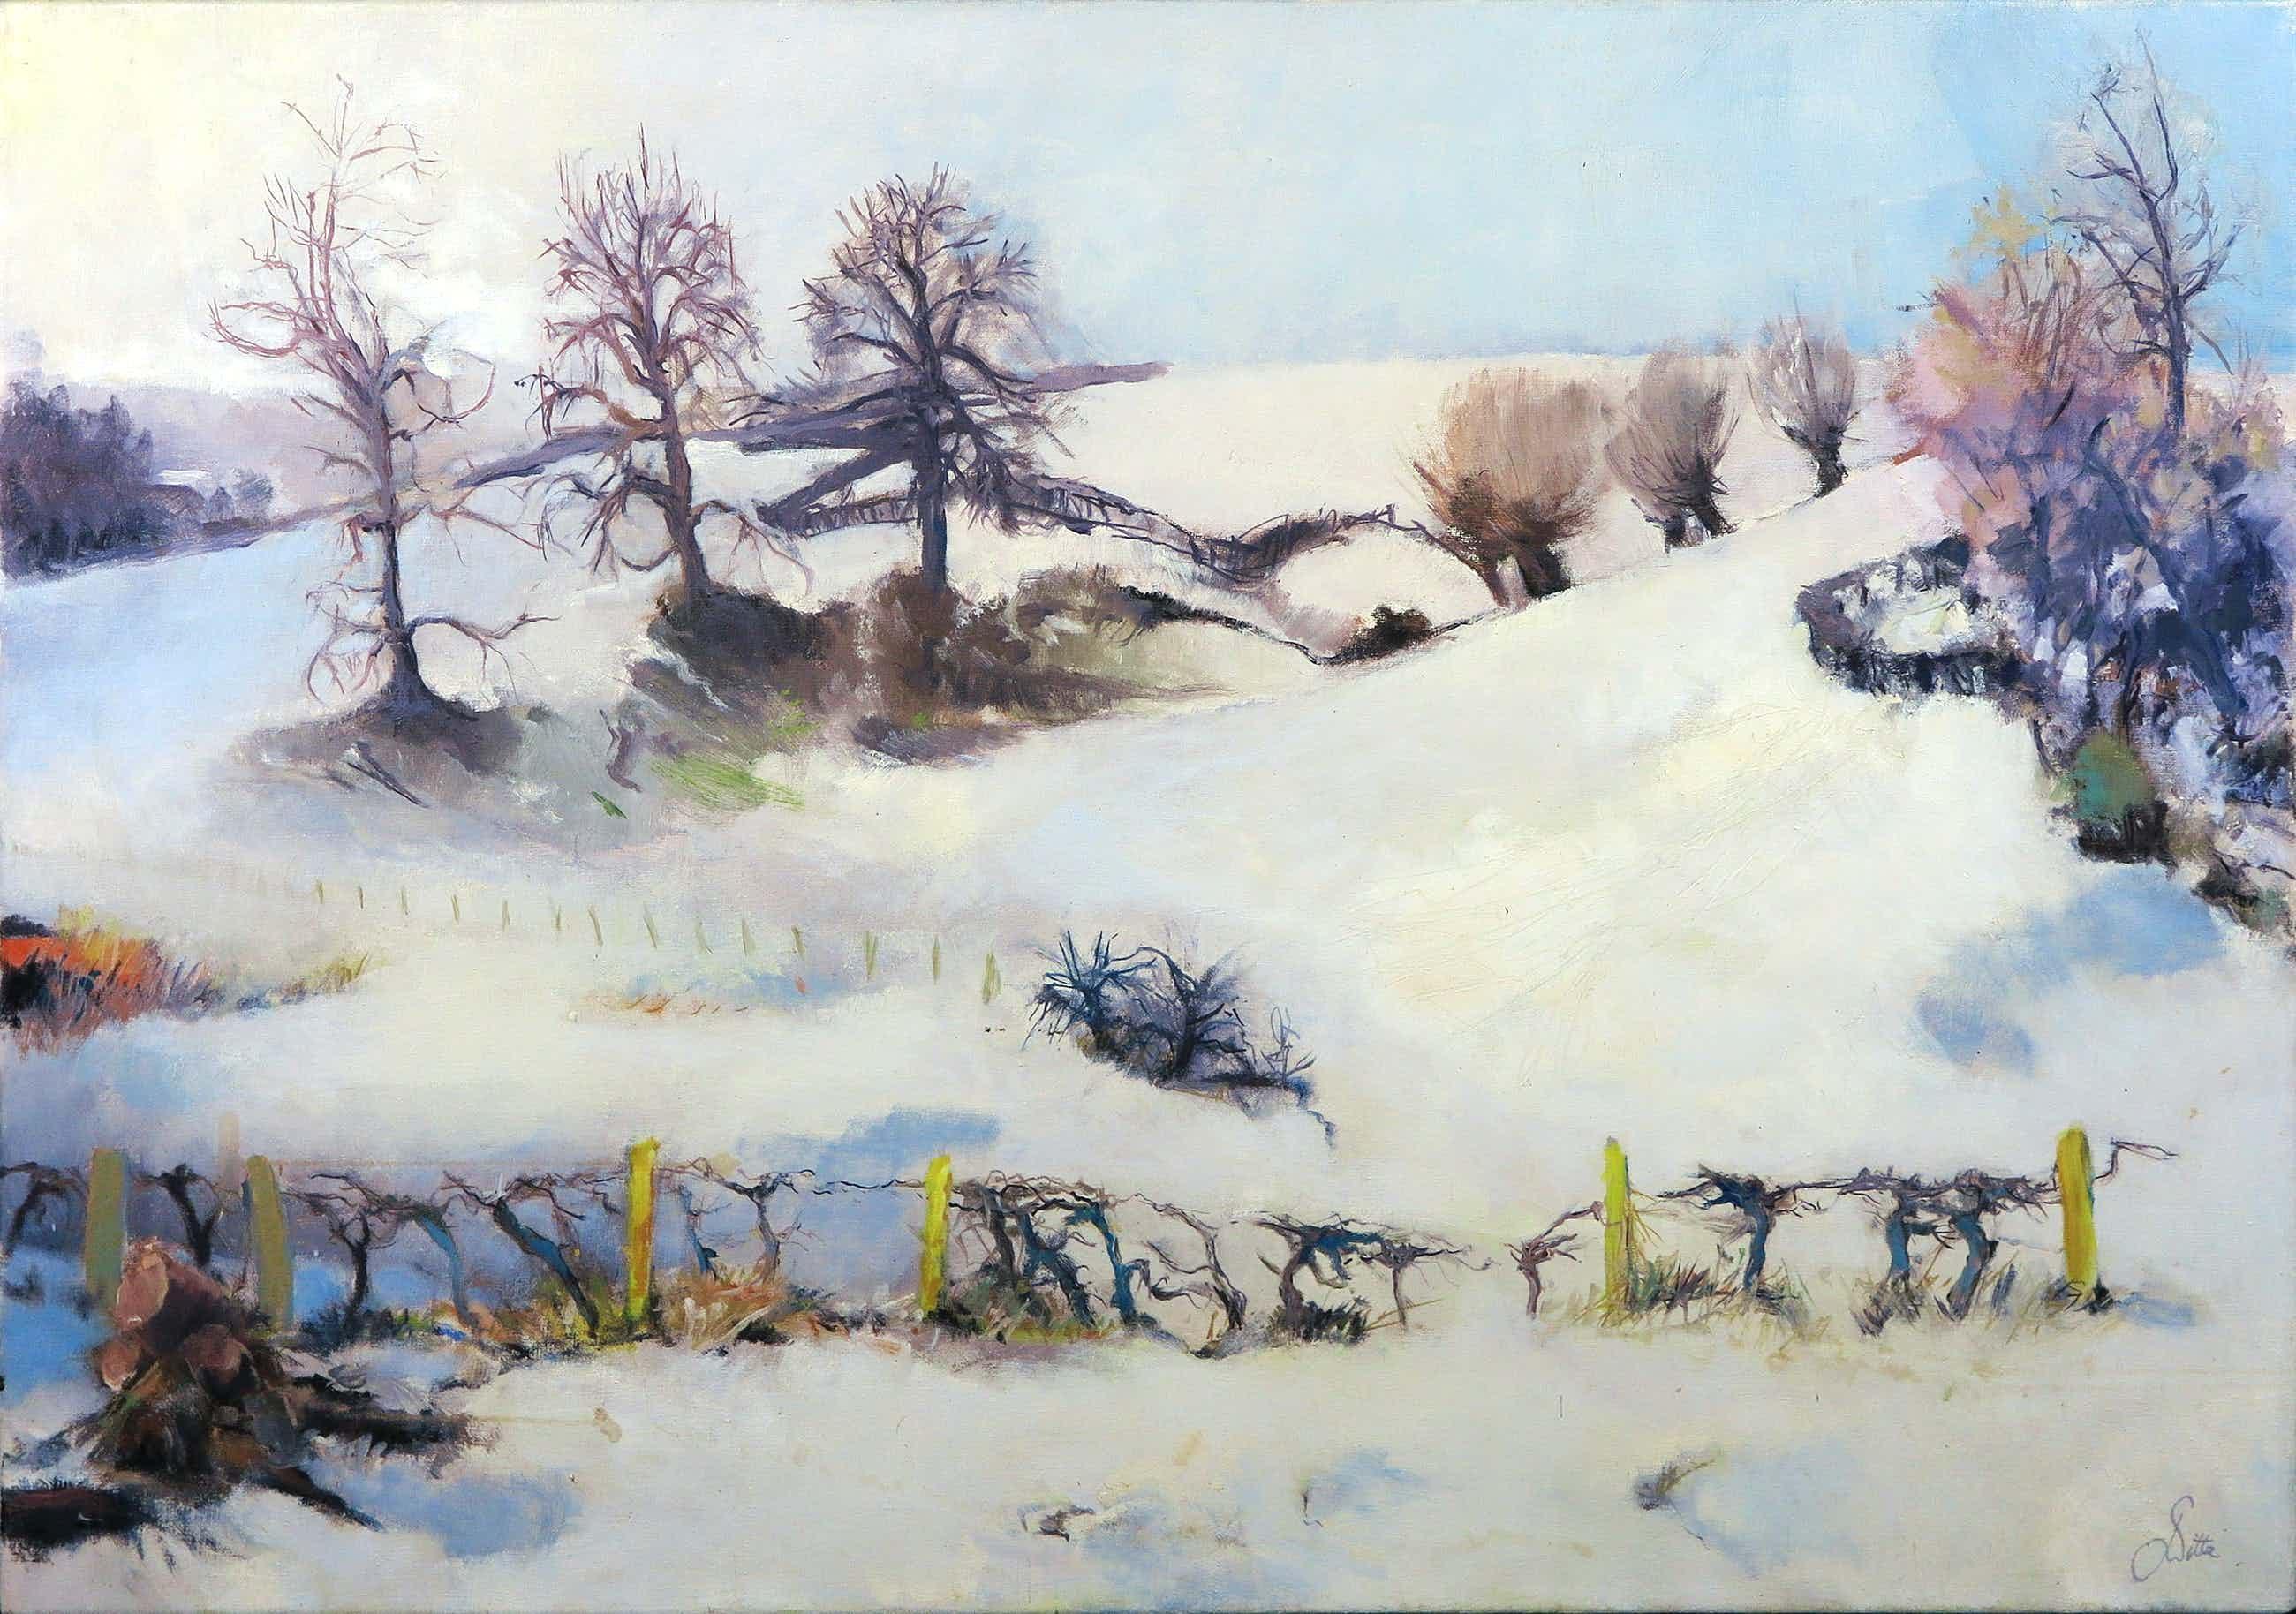 Franscz Witte - Acryl op doek, Sneeuwlandschap nabij Espen kopen? Bied vanaf 40!